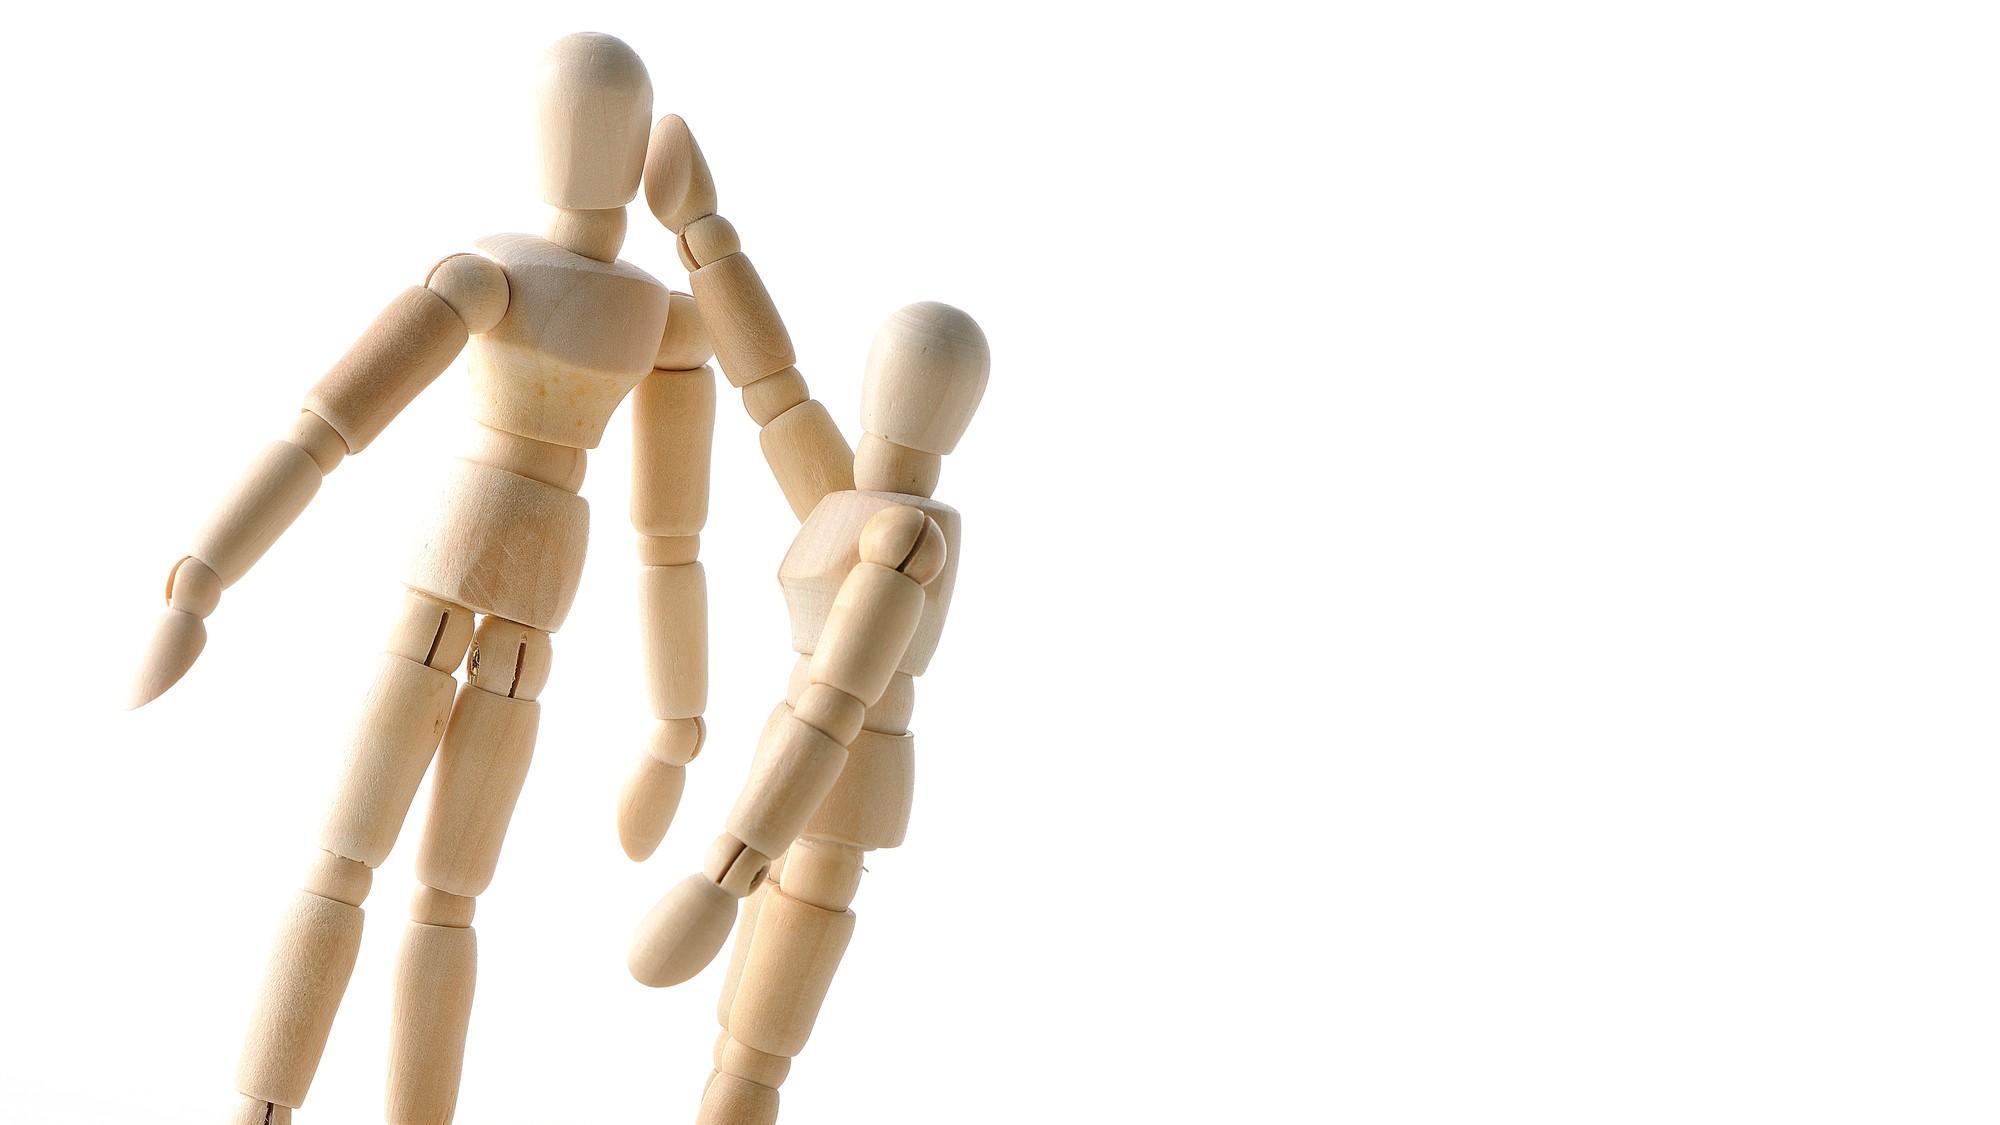 「生徒同士のトラブル」に教師はどのように関与すべきか?